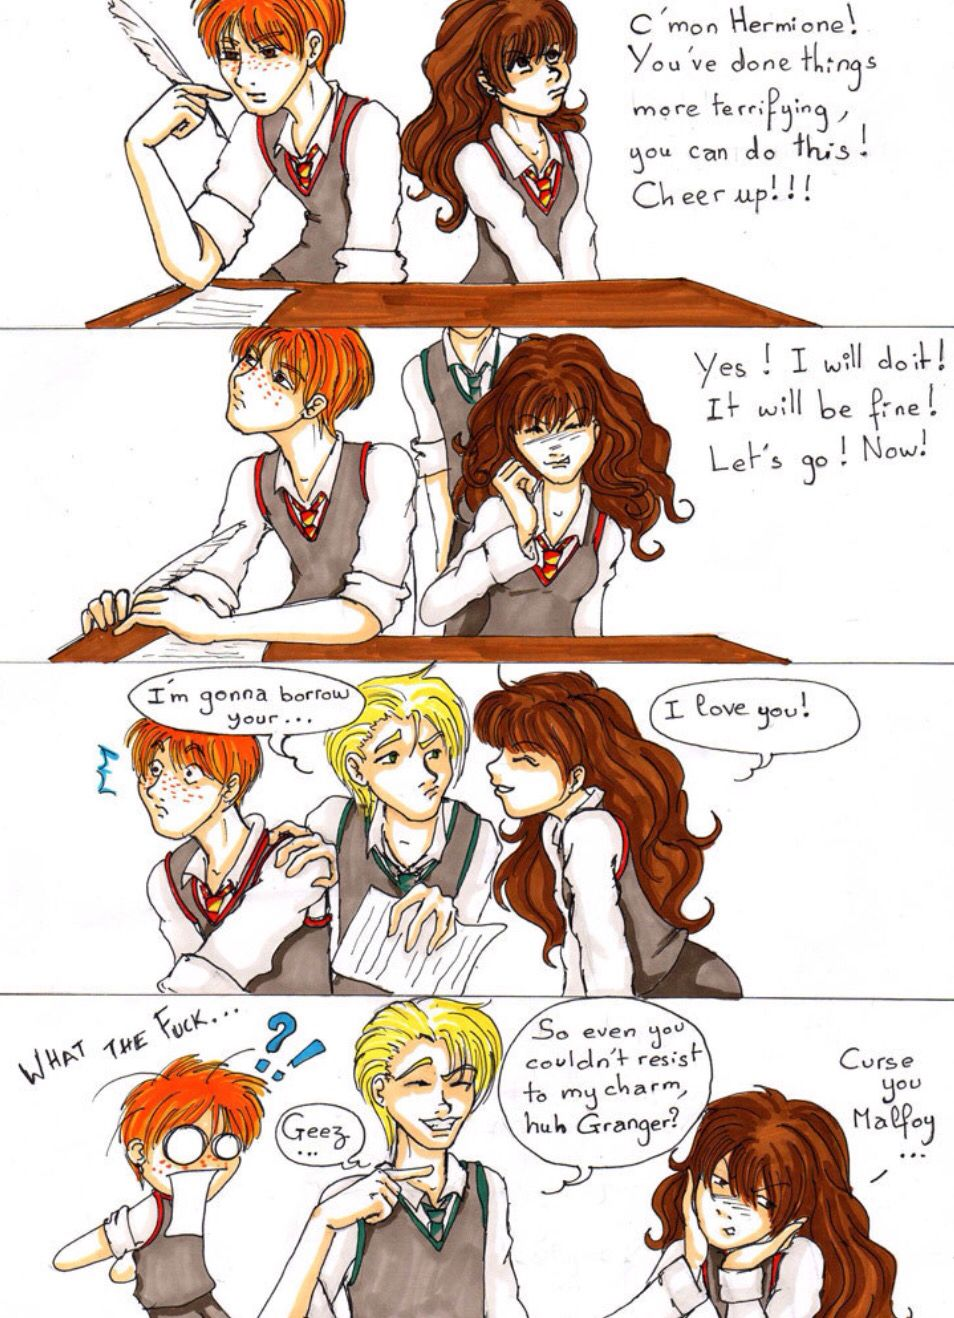 Haaaaaa so funny